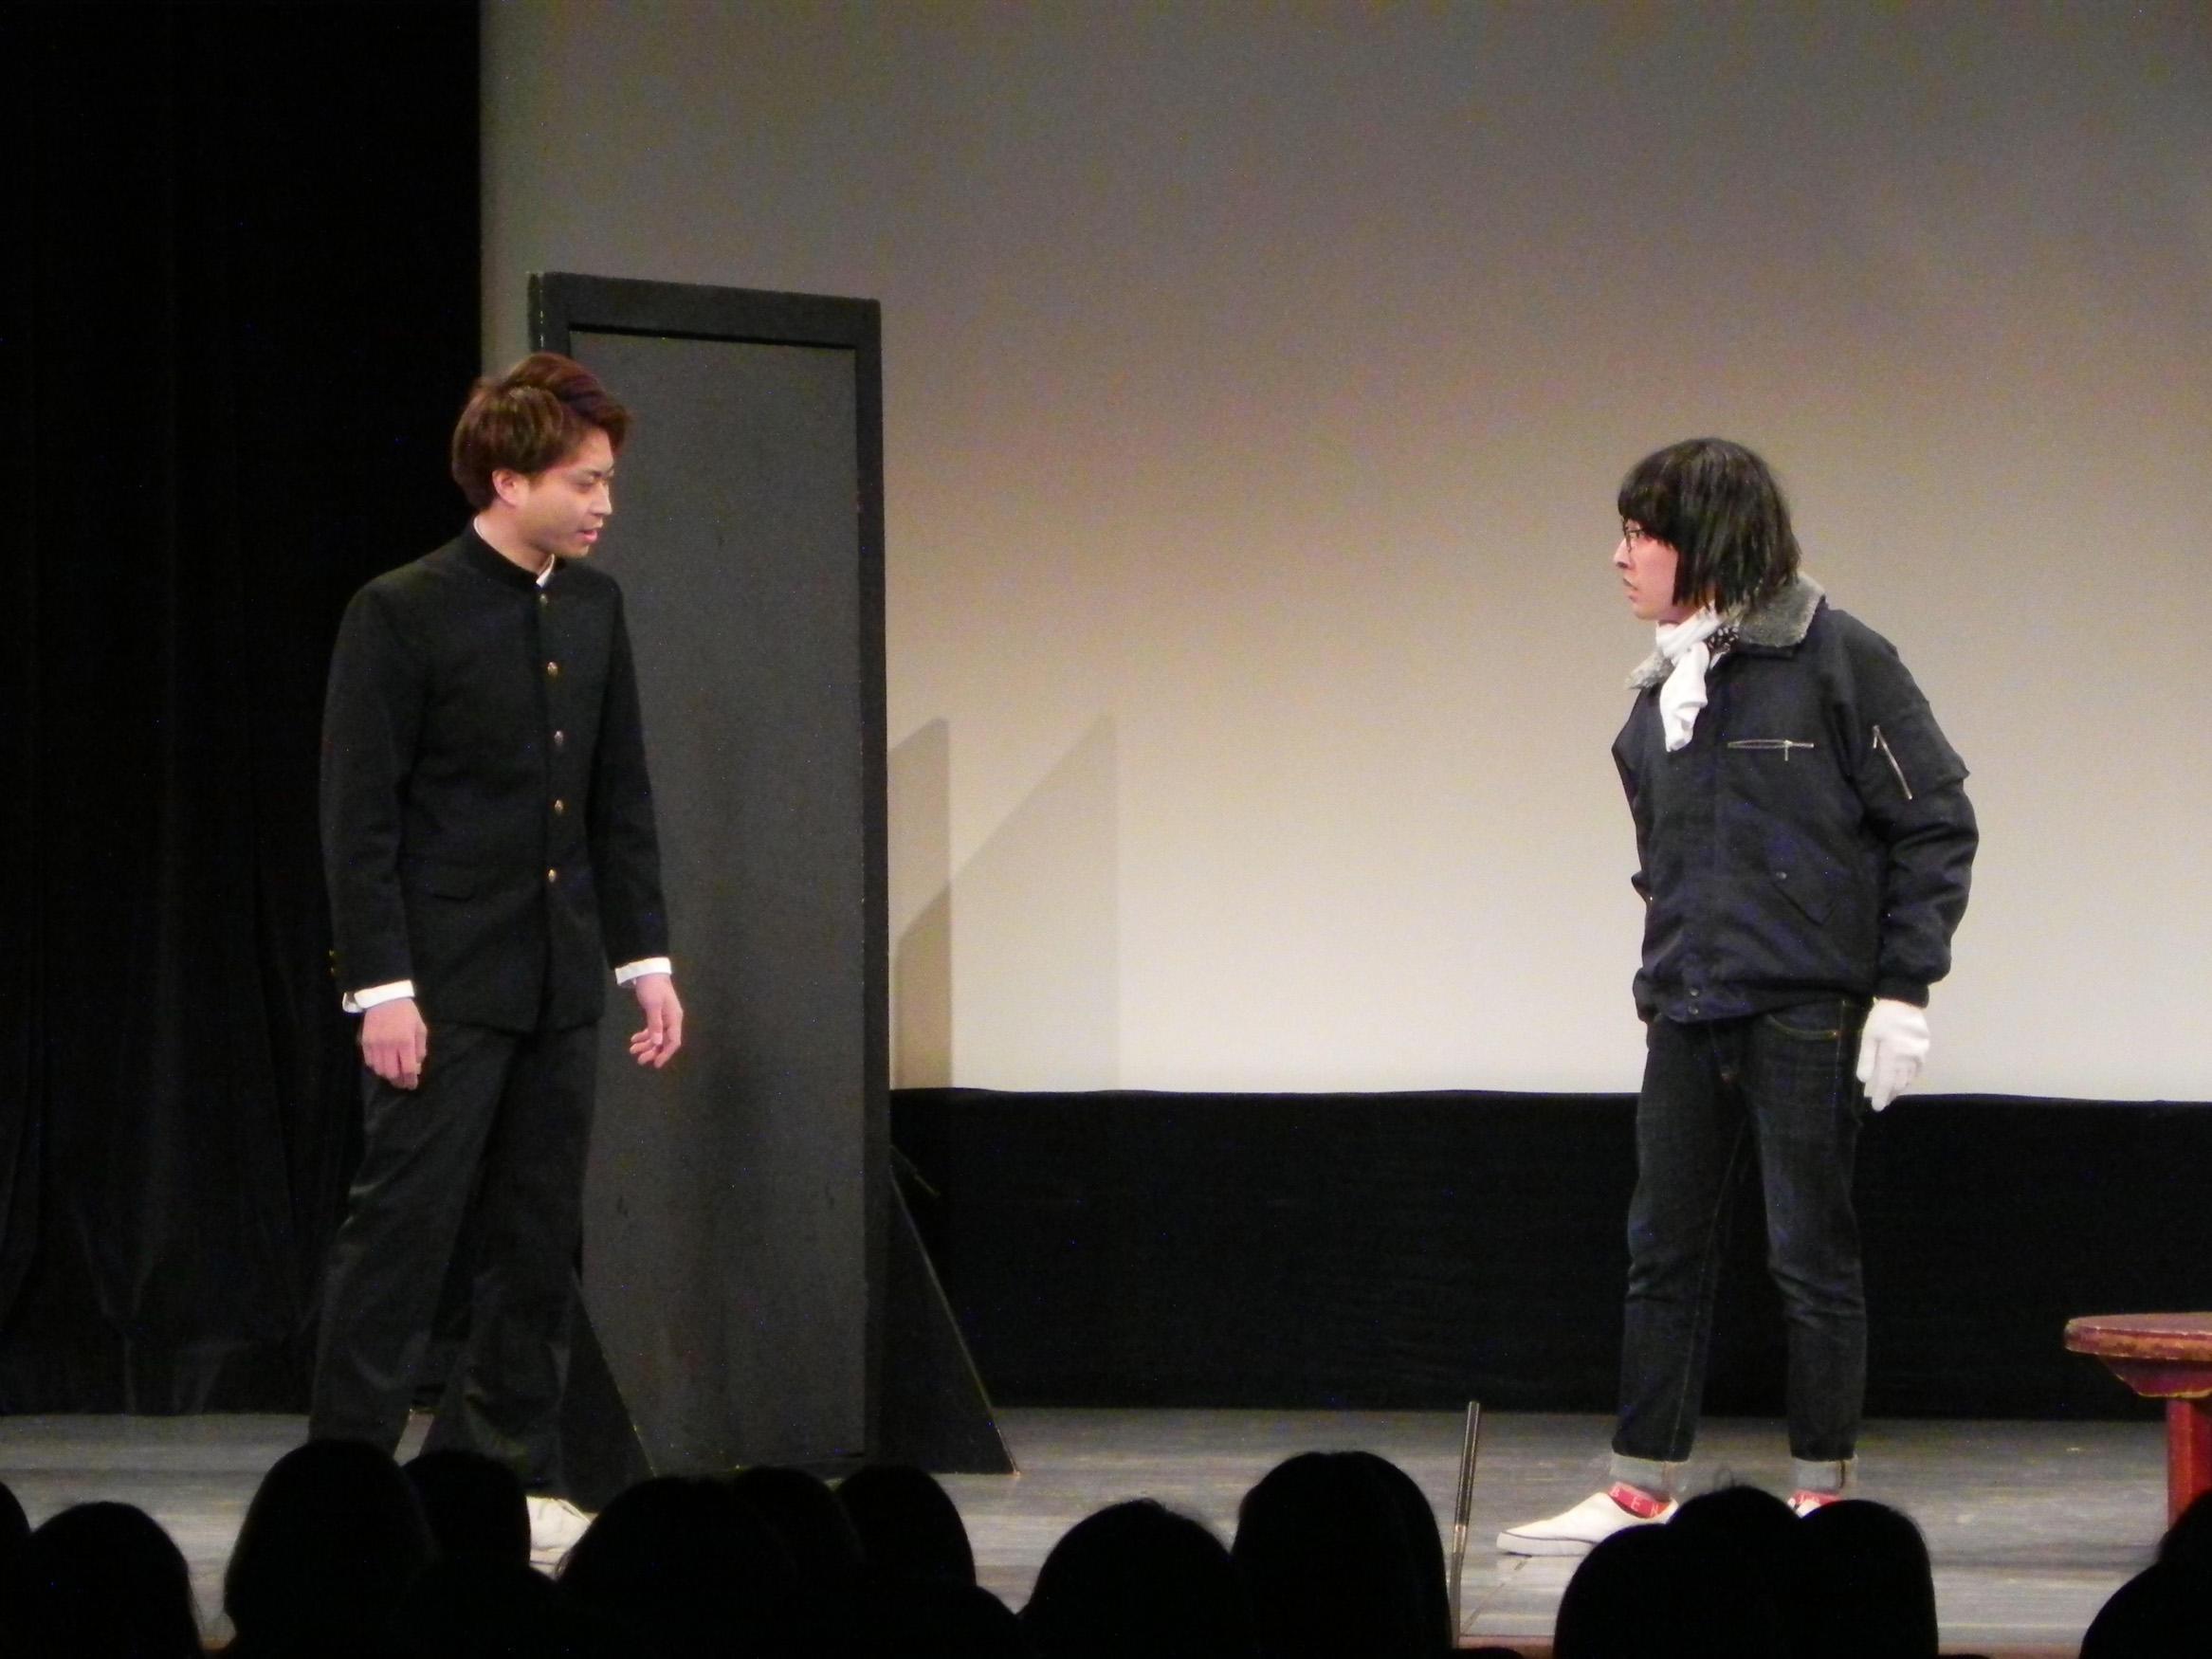 http://news.yoshimoto.co.jp/20170425151943-32de4201c118fea4e242d848869f790cdbcbd89c.jpg